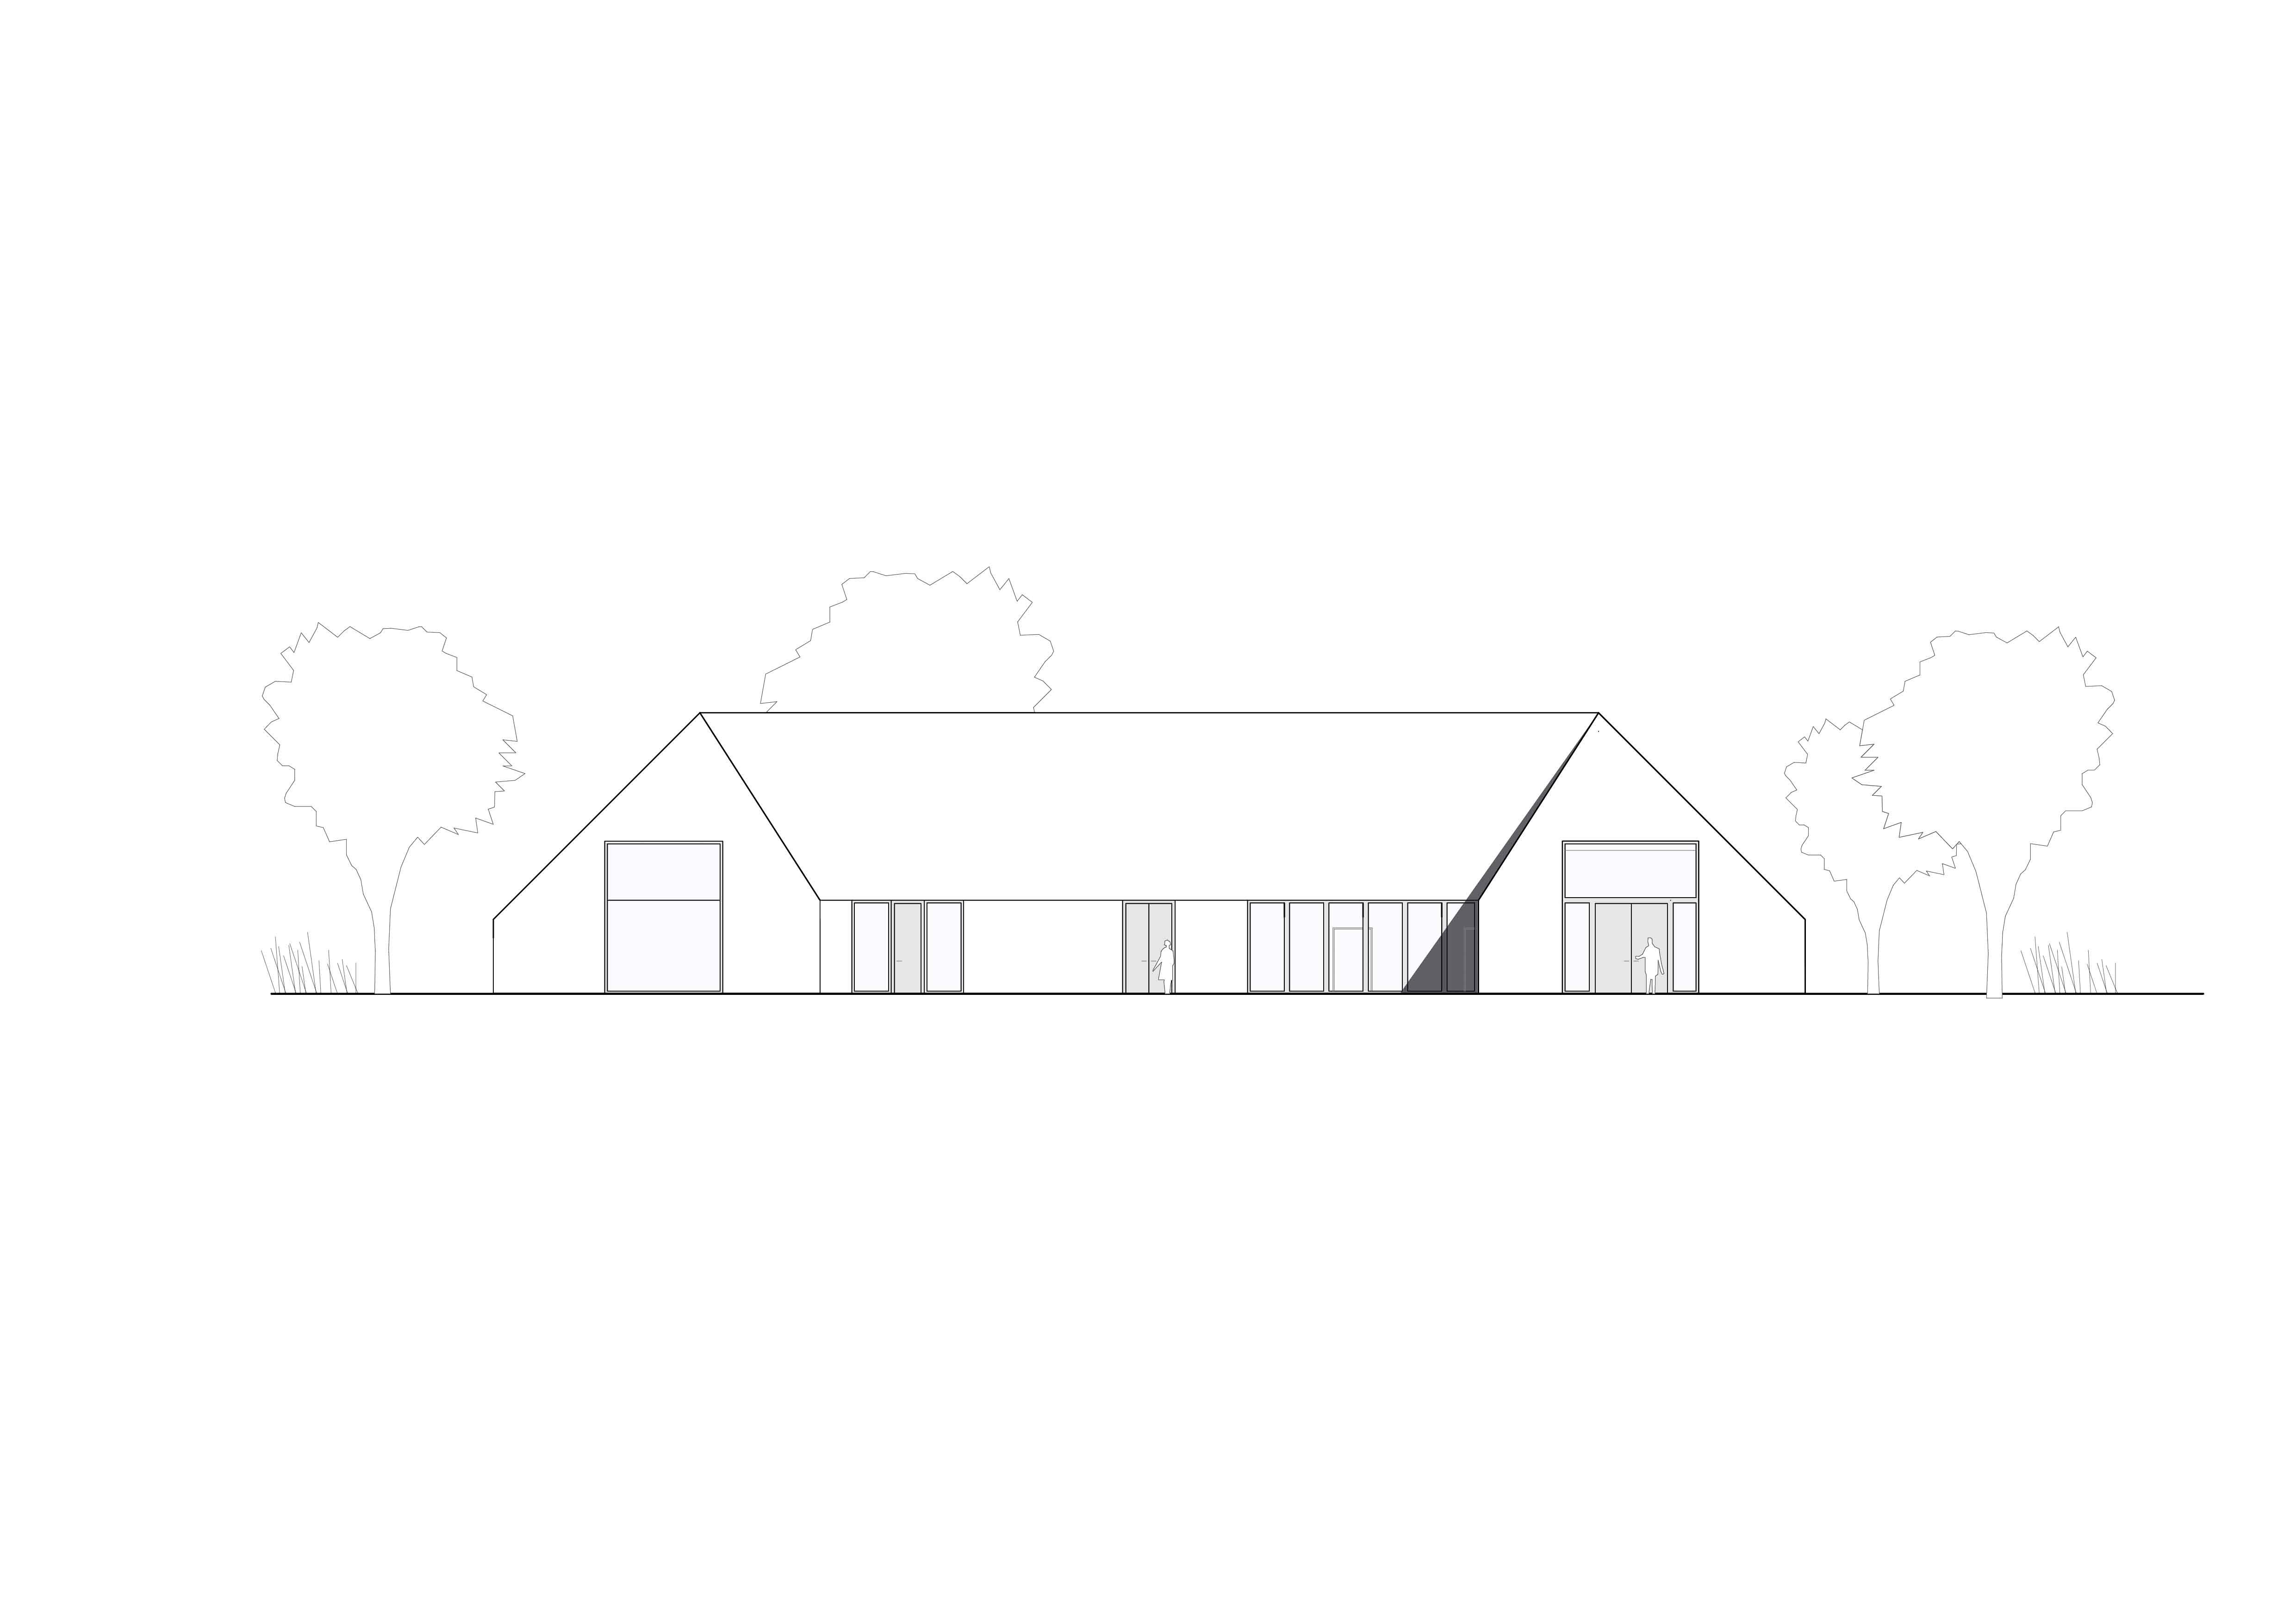 KUBIK Architektur - Studio für Architektur Berlin - architecture - Projekt- Hotellogistik - Ansicht